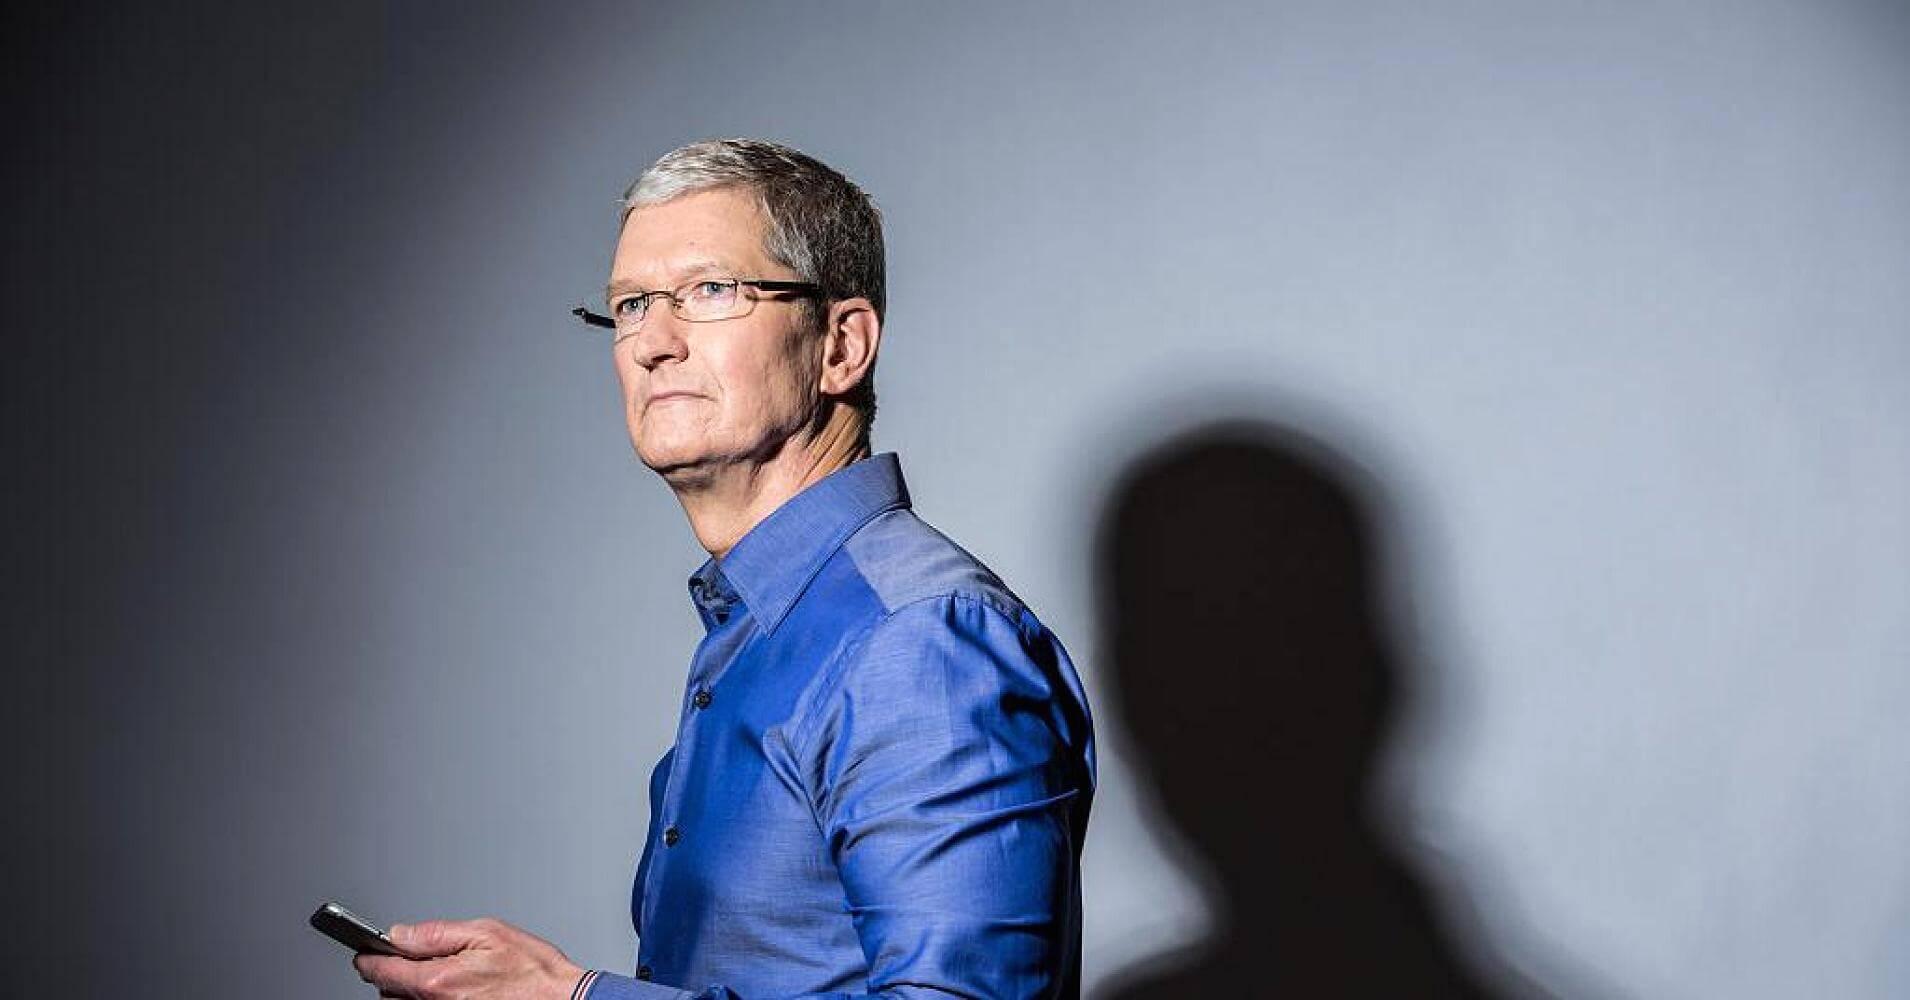 Тим Кук получит от Apple крупный пакет акций впервые с 2011 года